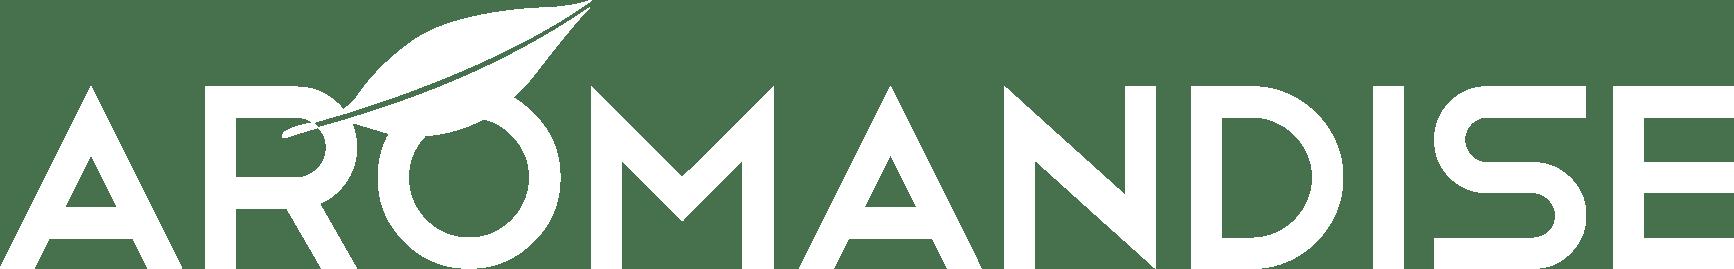 logo_aromandise